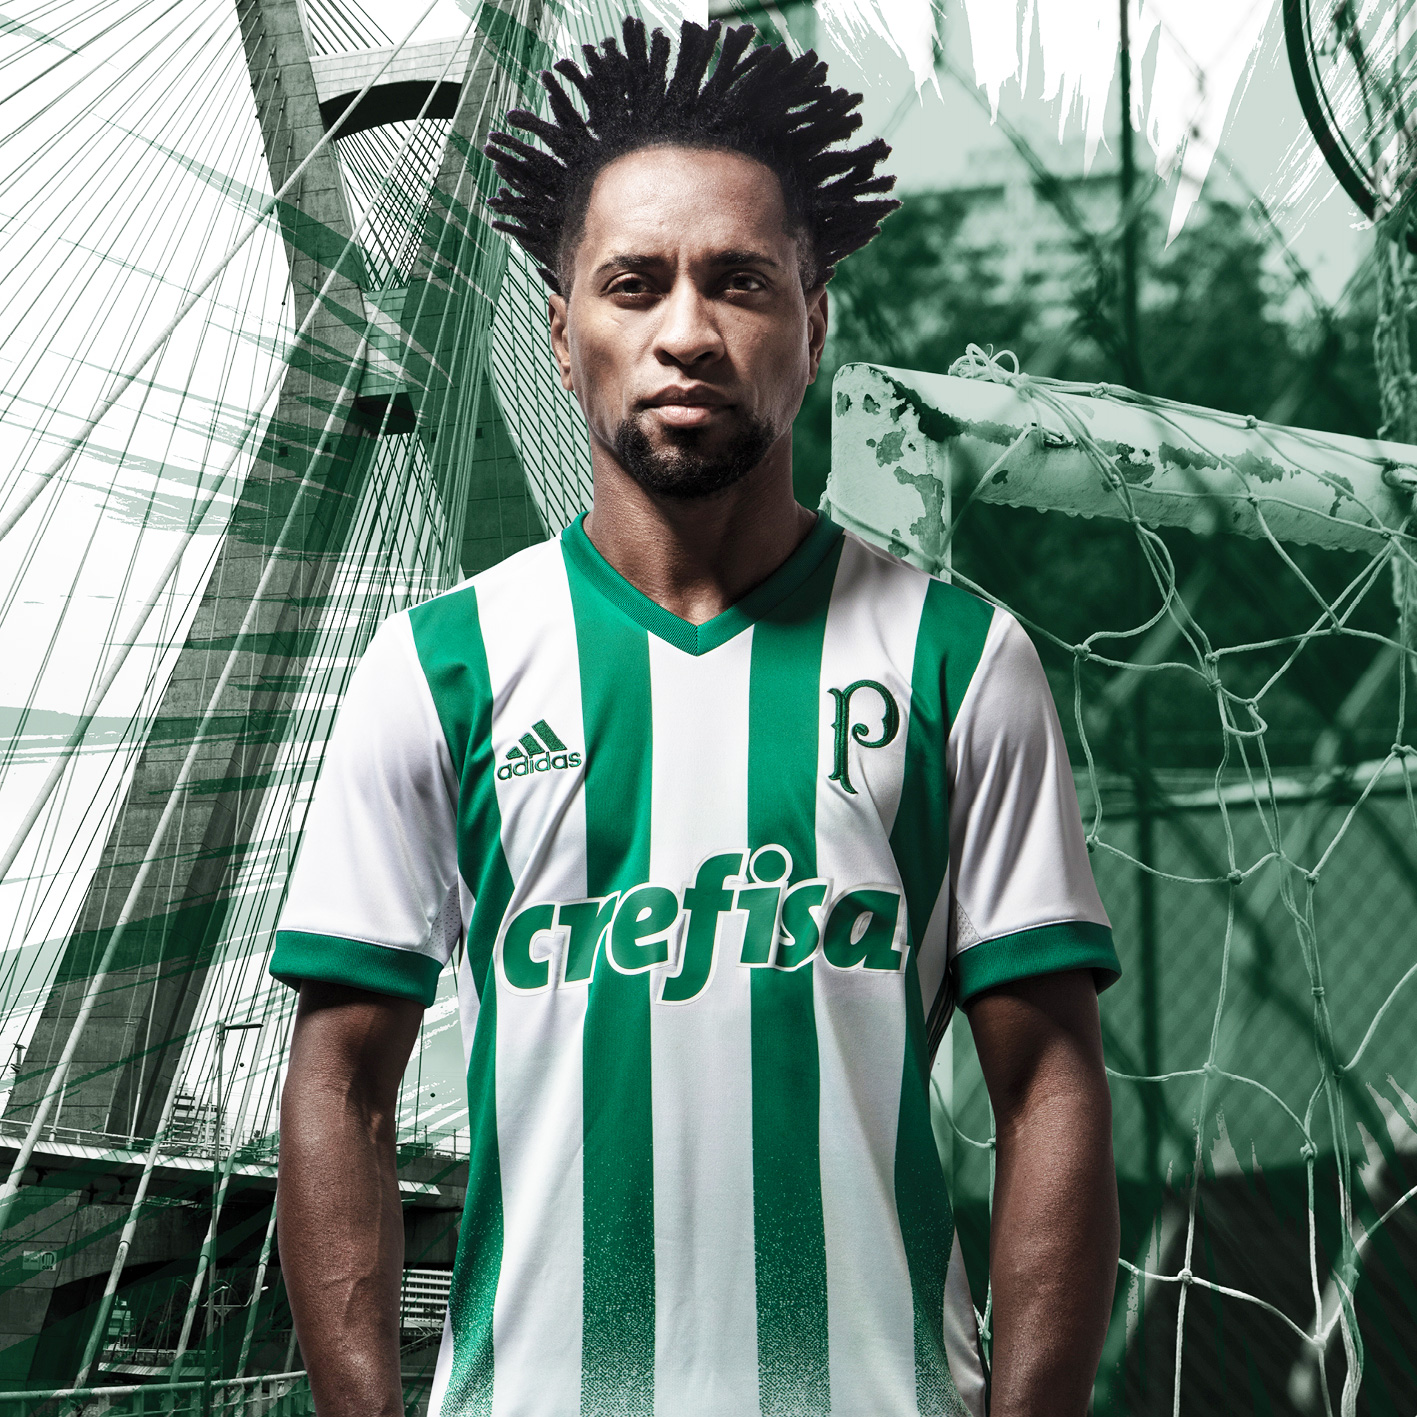 Palmeiras oficializa nova camisa 2  estilo Atlético Nacional  e já a ... 56935e7970dcd